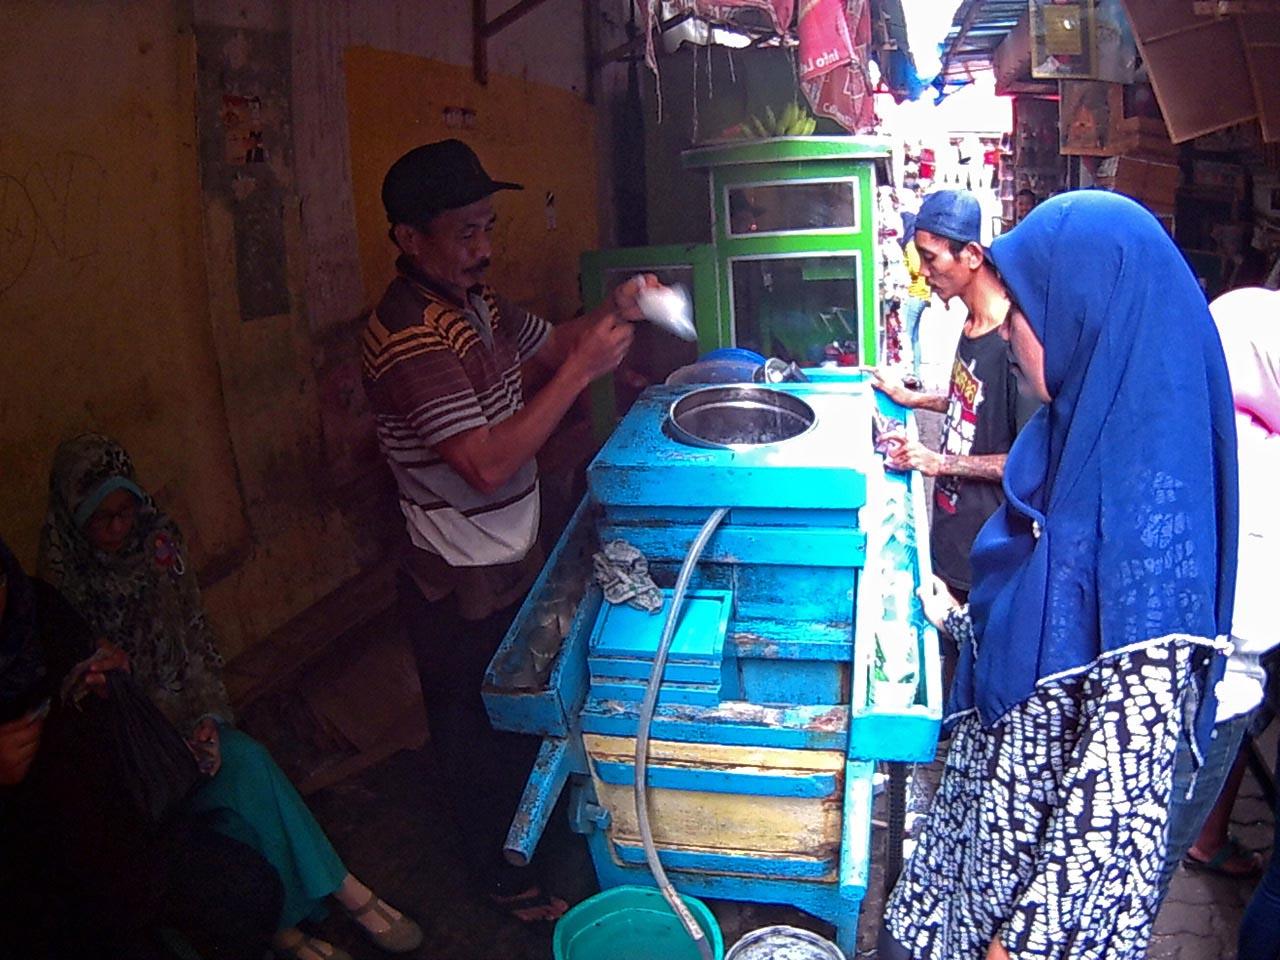 pak Iwan penjual es kacang lorong King - kota Bandar Lampung